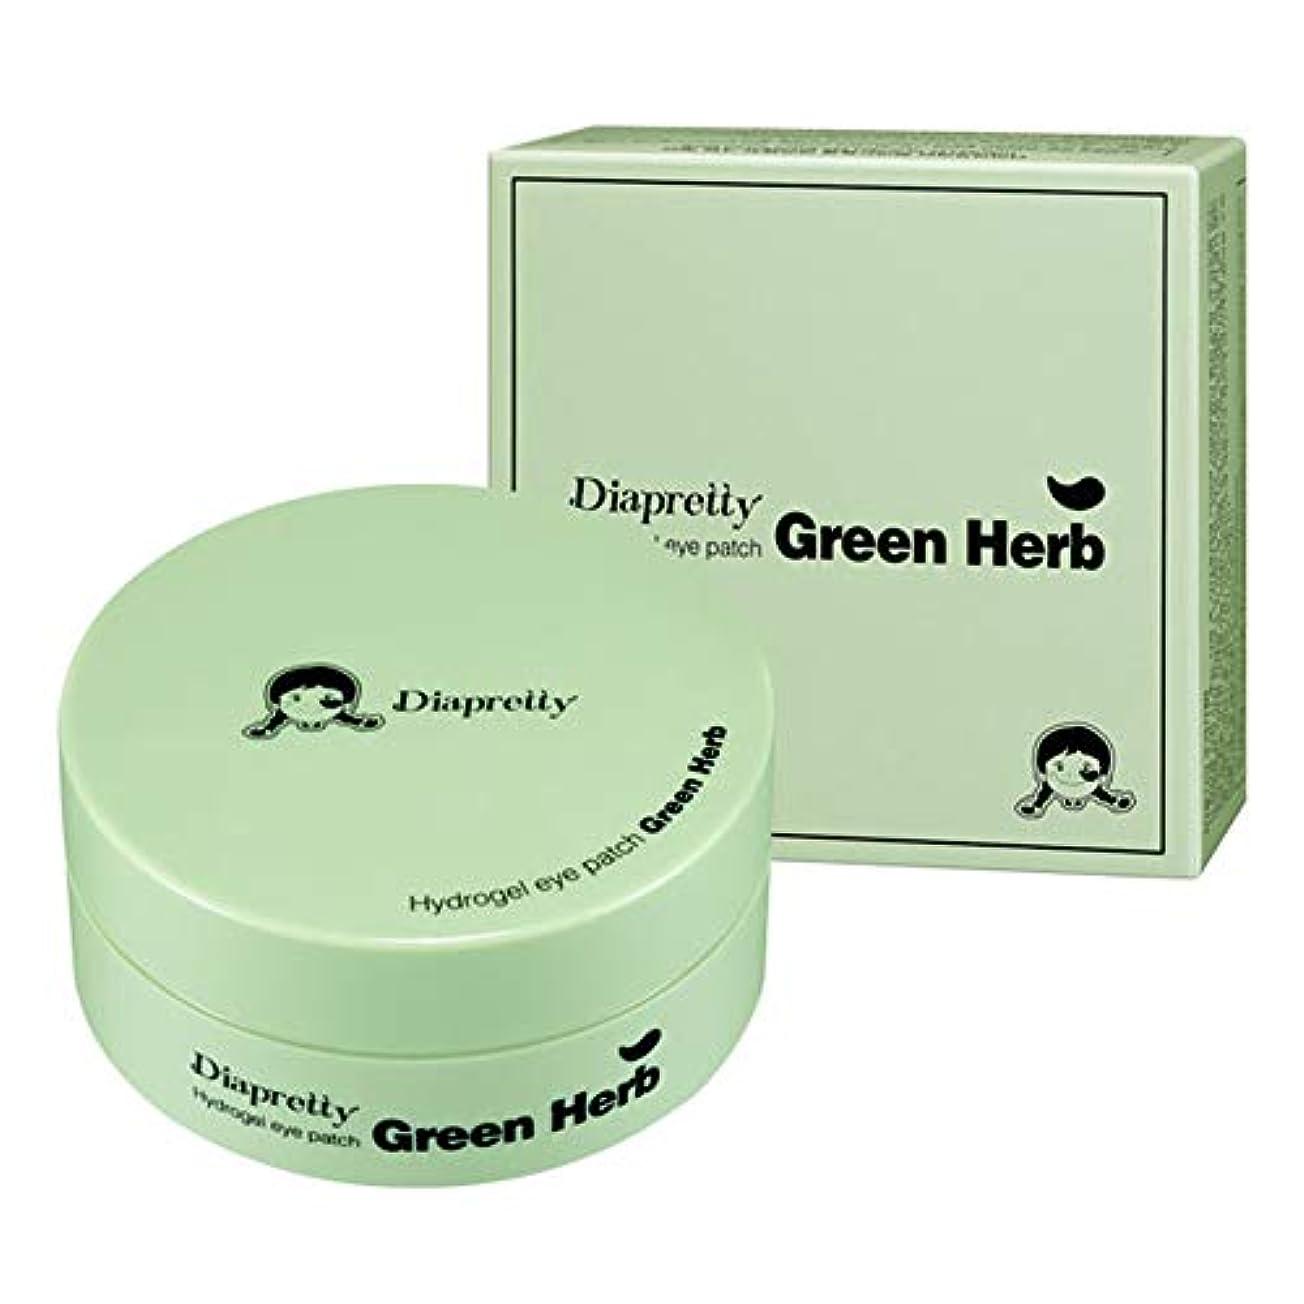 時々時々民間人酸化物[ダイアプリティ] ハイドロゲルア イパッチ (Greeen Herb) 60枚, [Diapretty] Hydrogel Eyepatch(Green Herb) 60pieces